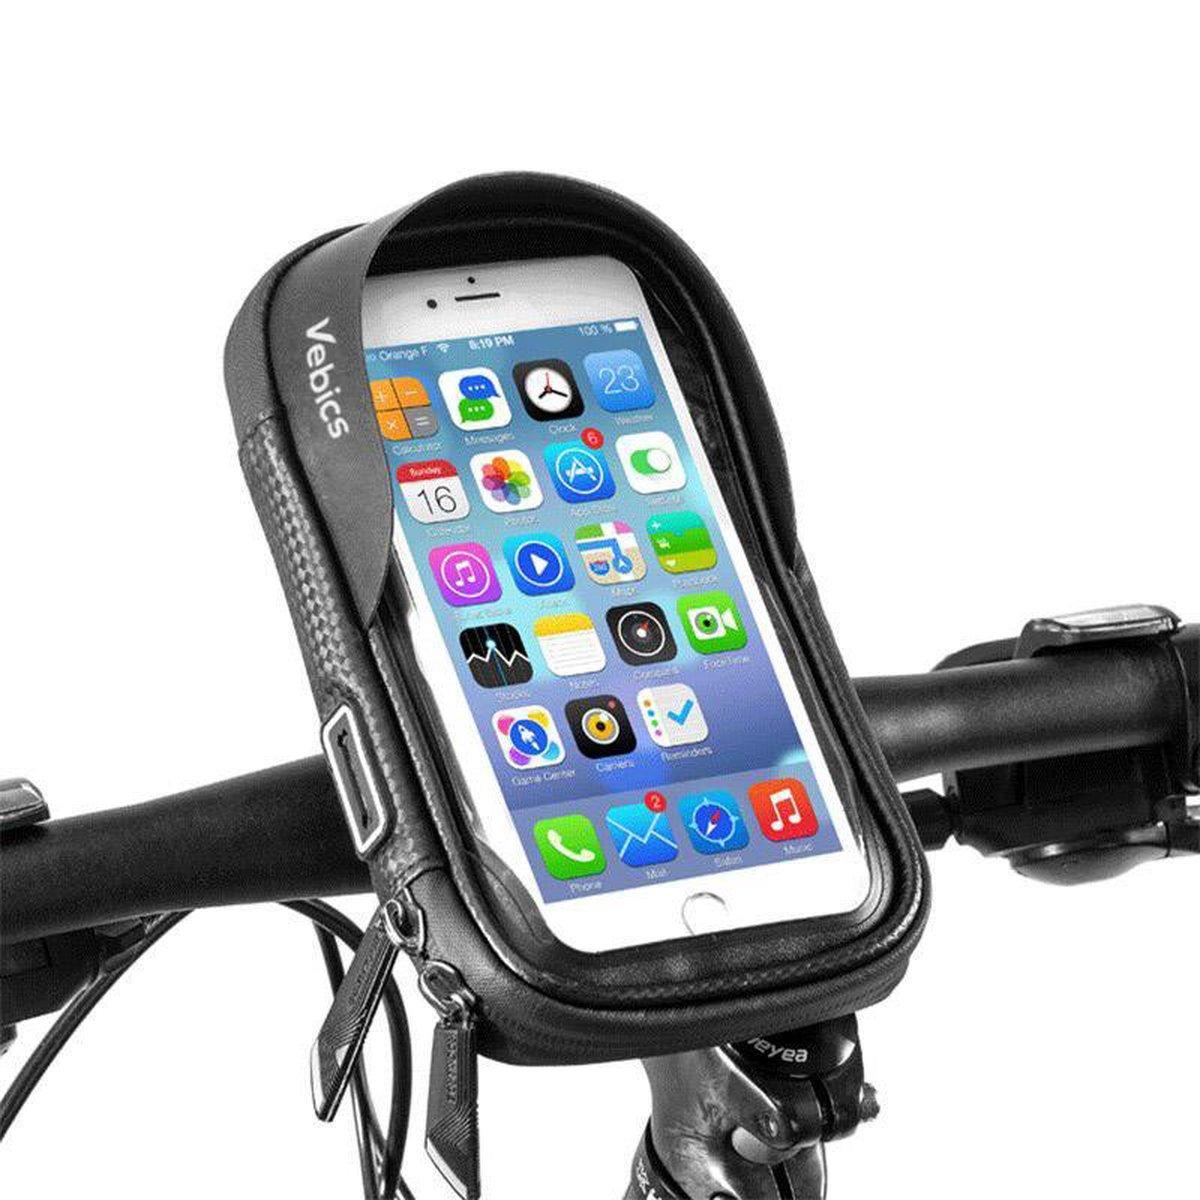 Vebics® - Telefoonhouder Fiets - Universeel - Waterbestendig - Gsm houder fiets - Fiets telefoonhoud